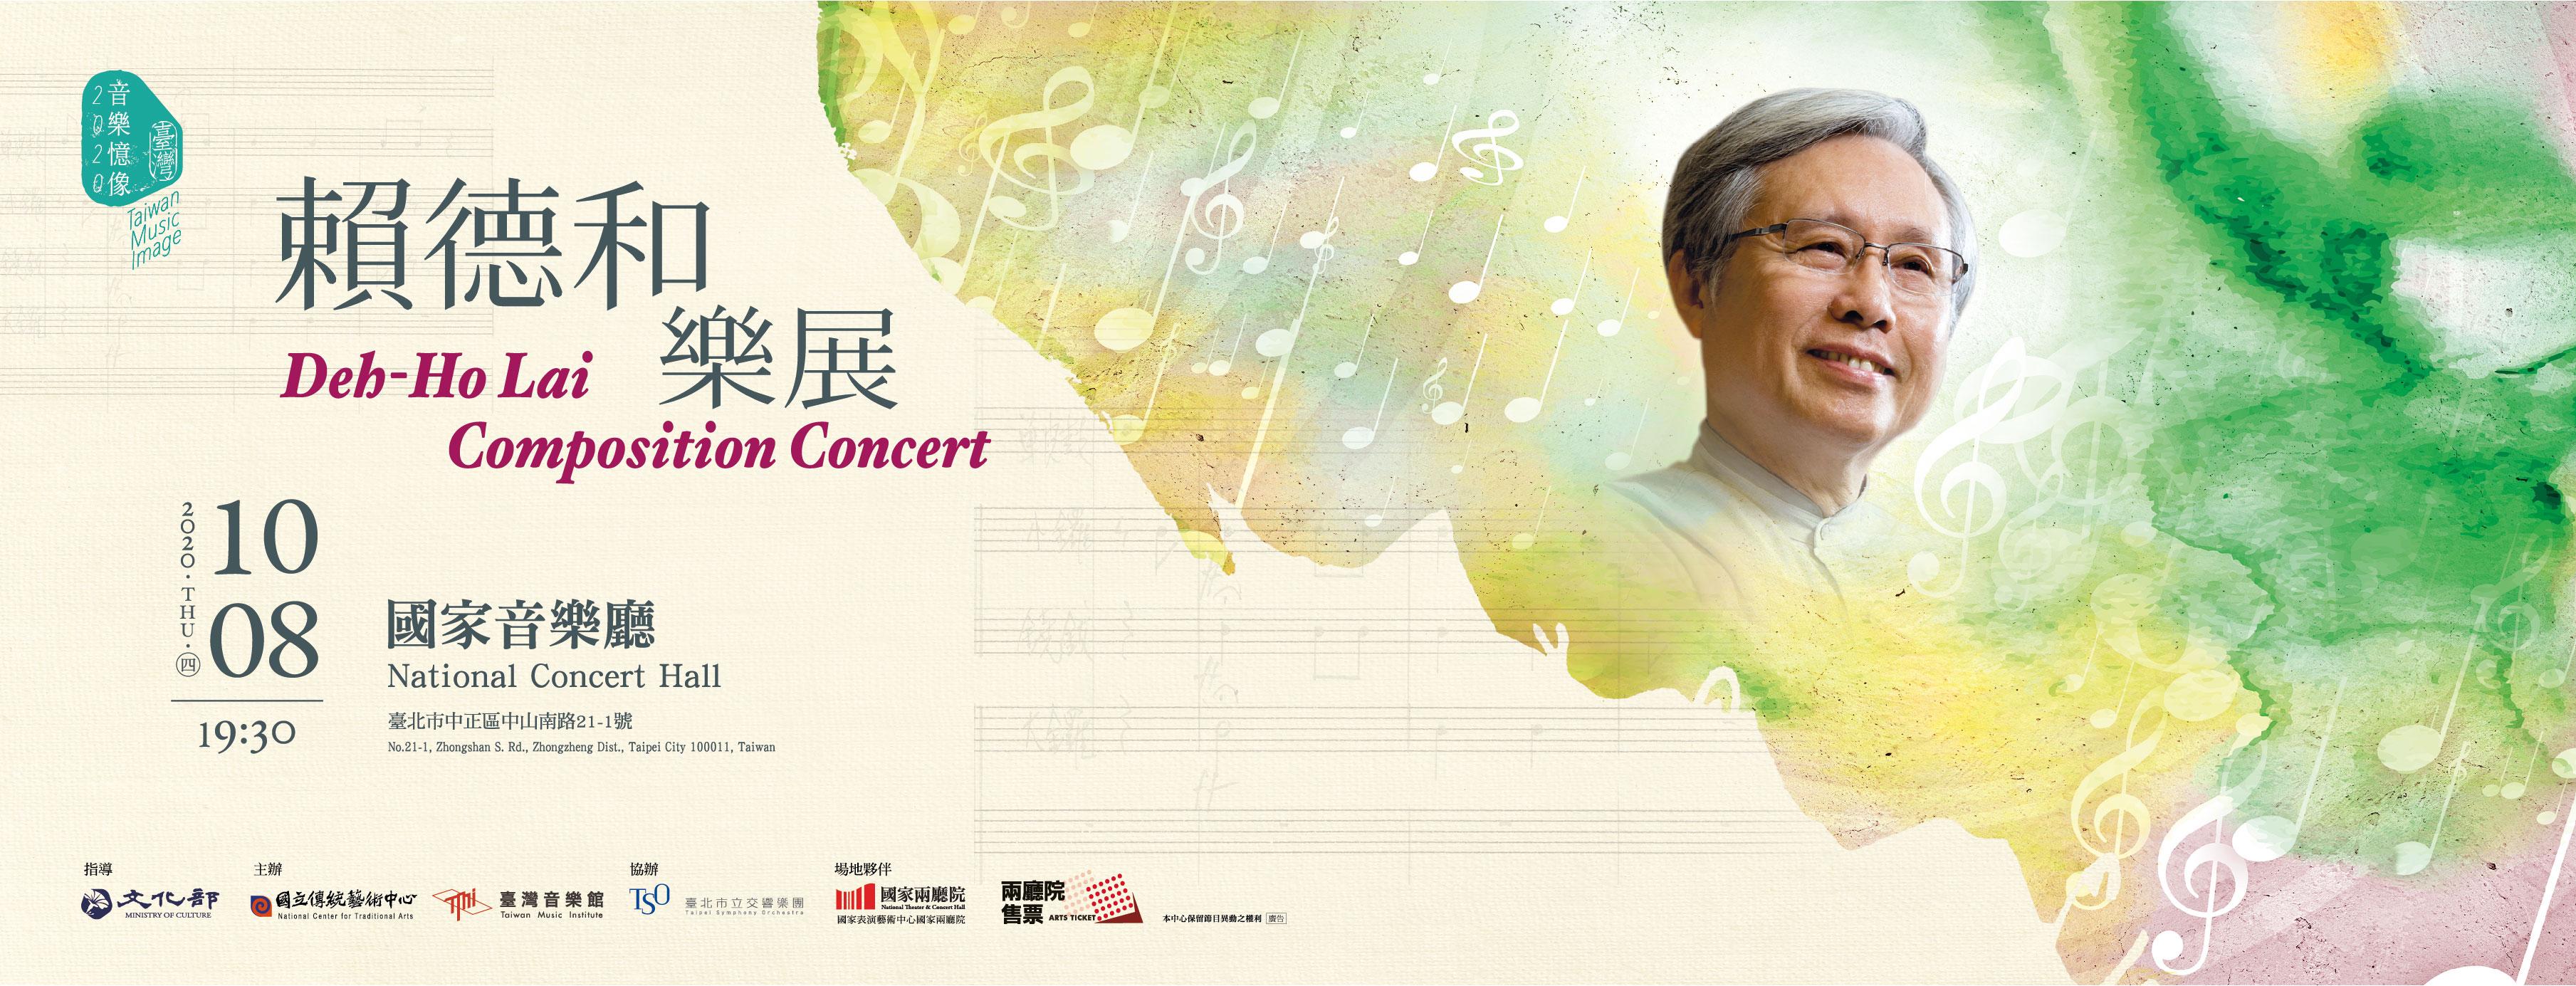 「2020臺灣音樂憶像系列」《賴德和樂展》「另開新視窗」